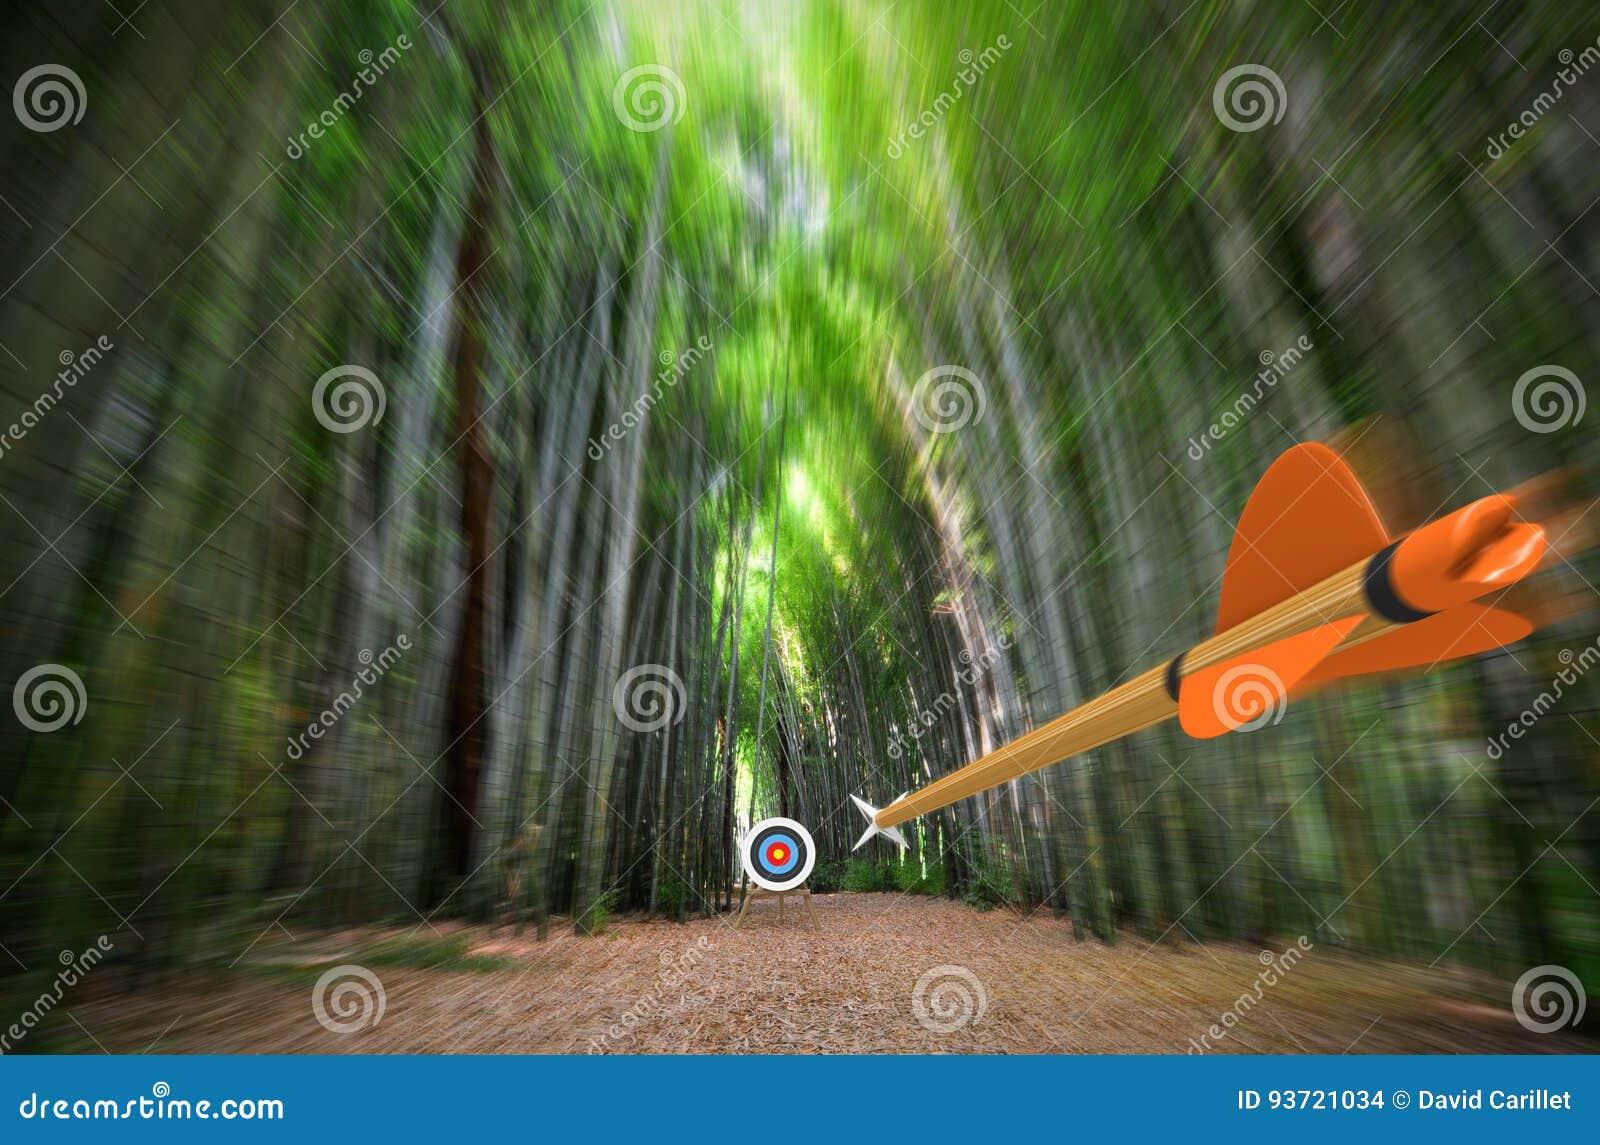 La méditation sur son propre esprit. Le niveau supérieur du degré 1 High-speed-arrow-flying-blurred-bamboo-forest-archery-target-focus-part-photo-part-d-rendering-shooting-concept-93721034